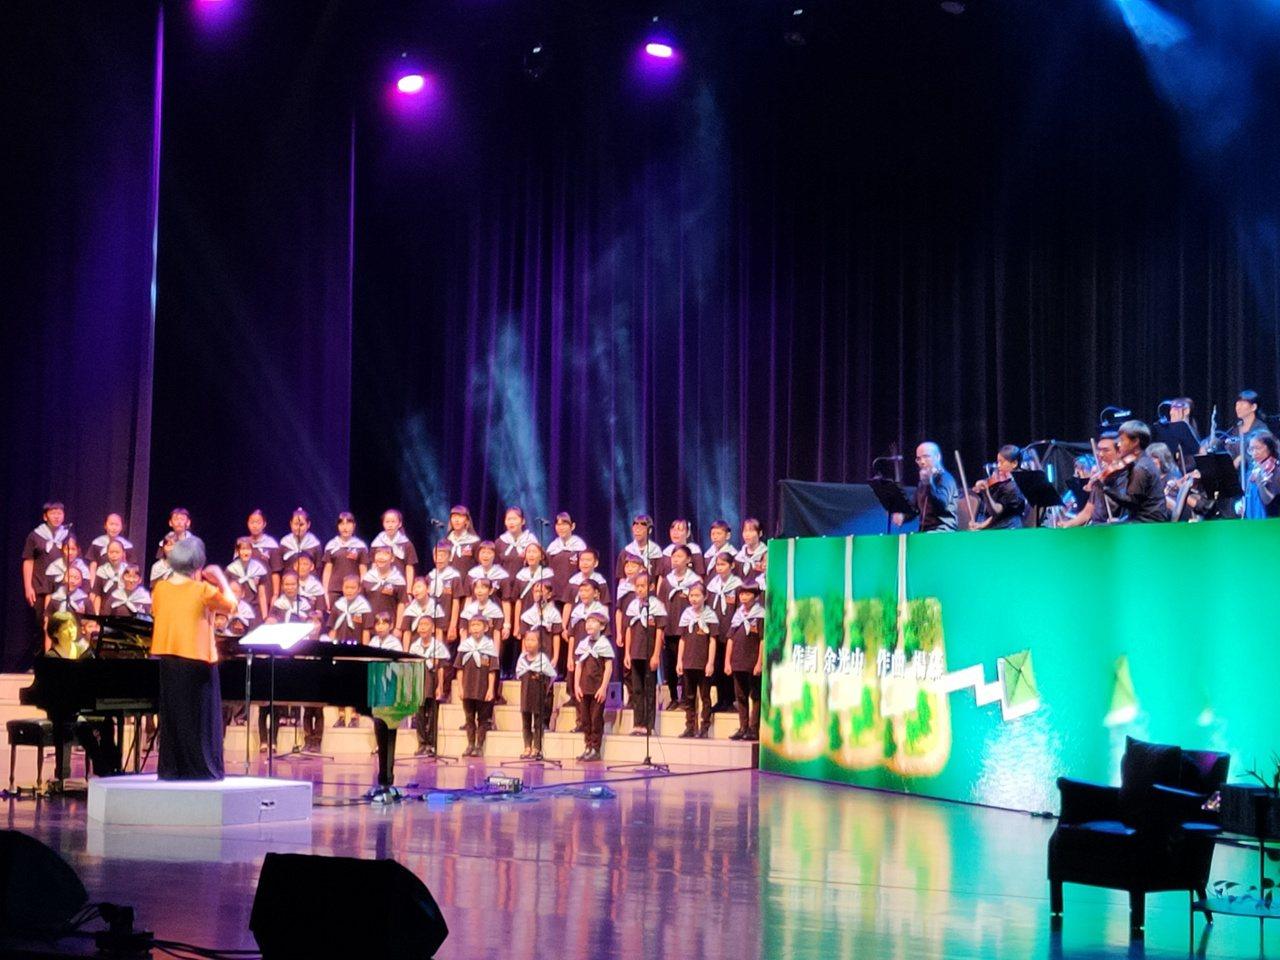 高雄市文化局紀念詩人余光中冥誕,舉辦感恩之夜音樂會,由南台灣室內樂協會團及世紀合...